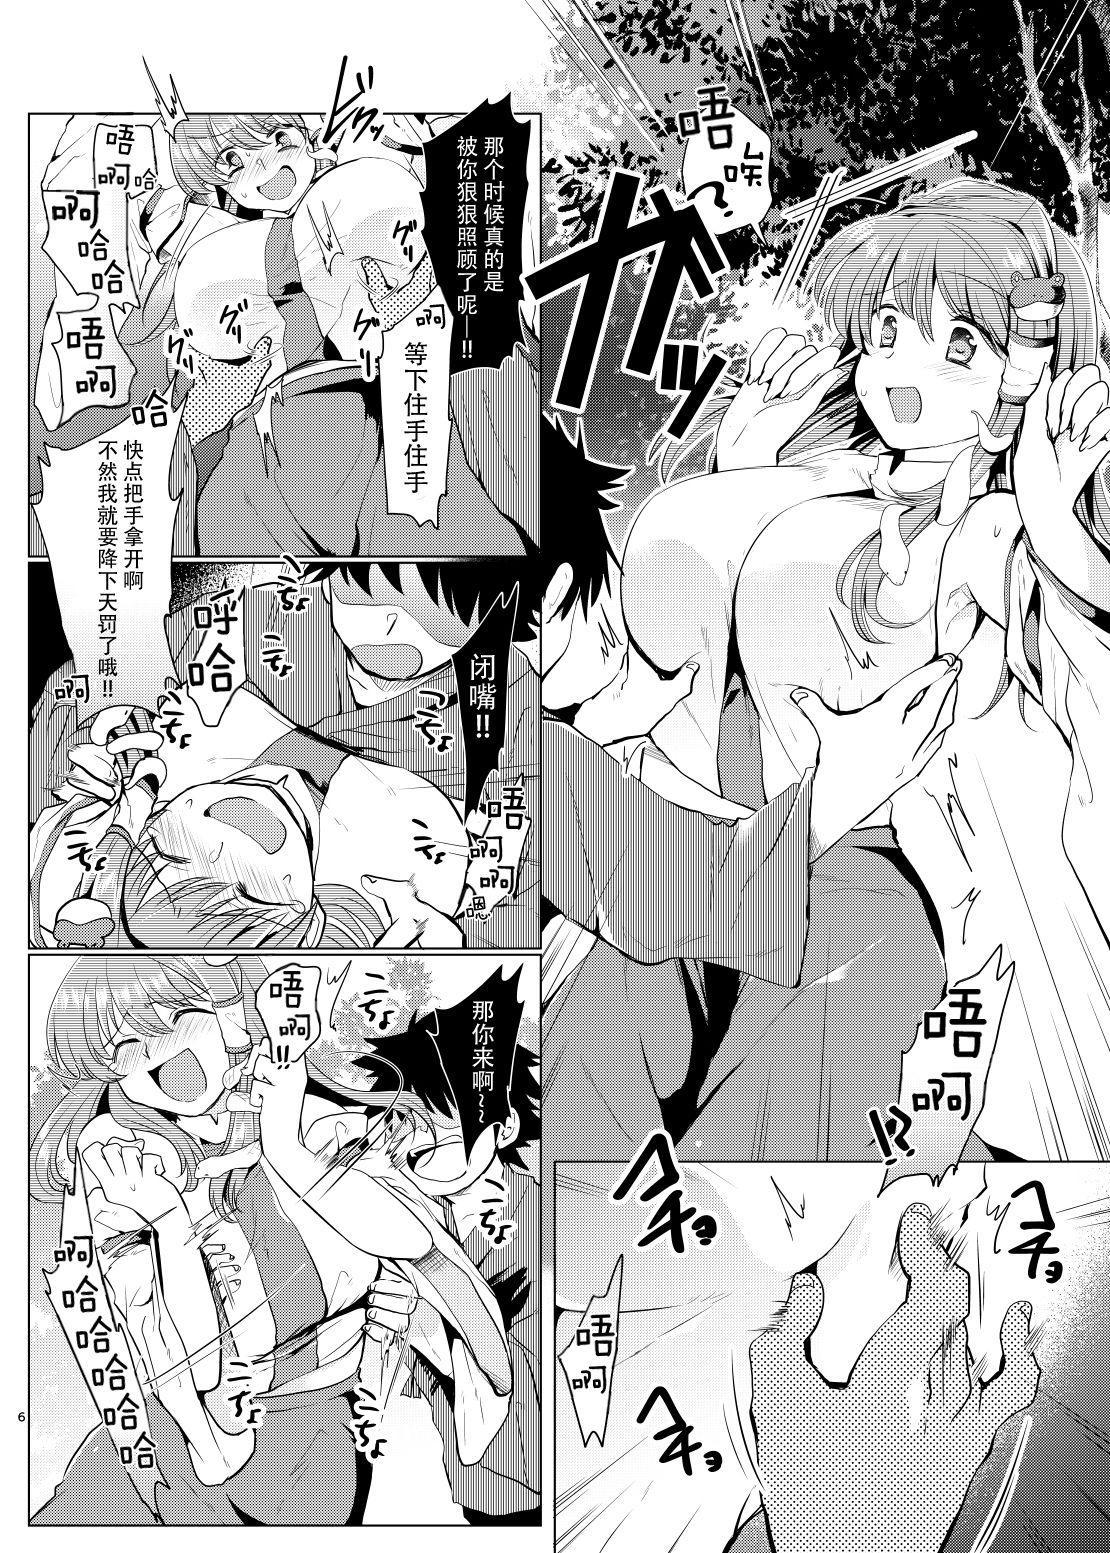 Kusuguri Ryoujoku Sanae-san 5